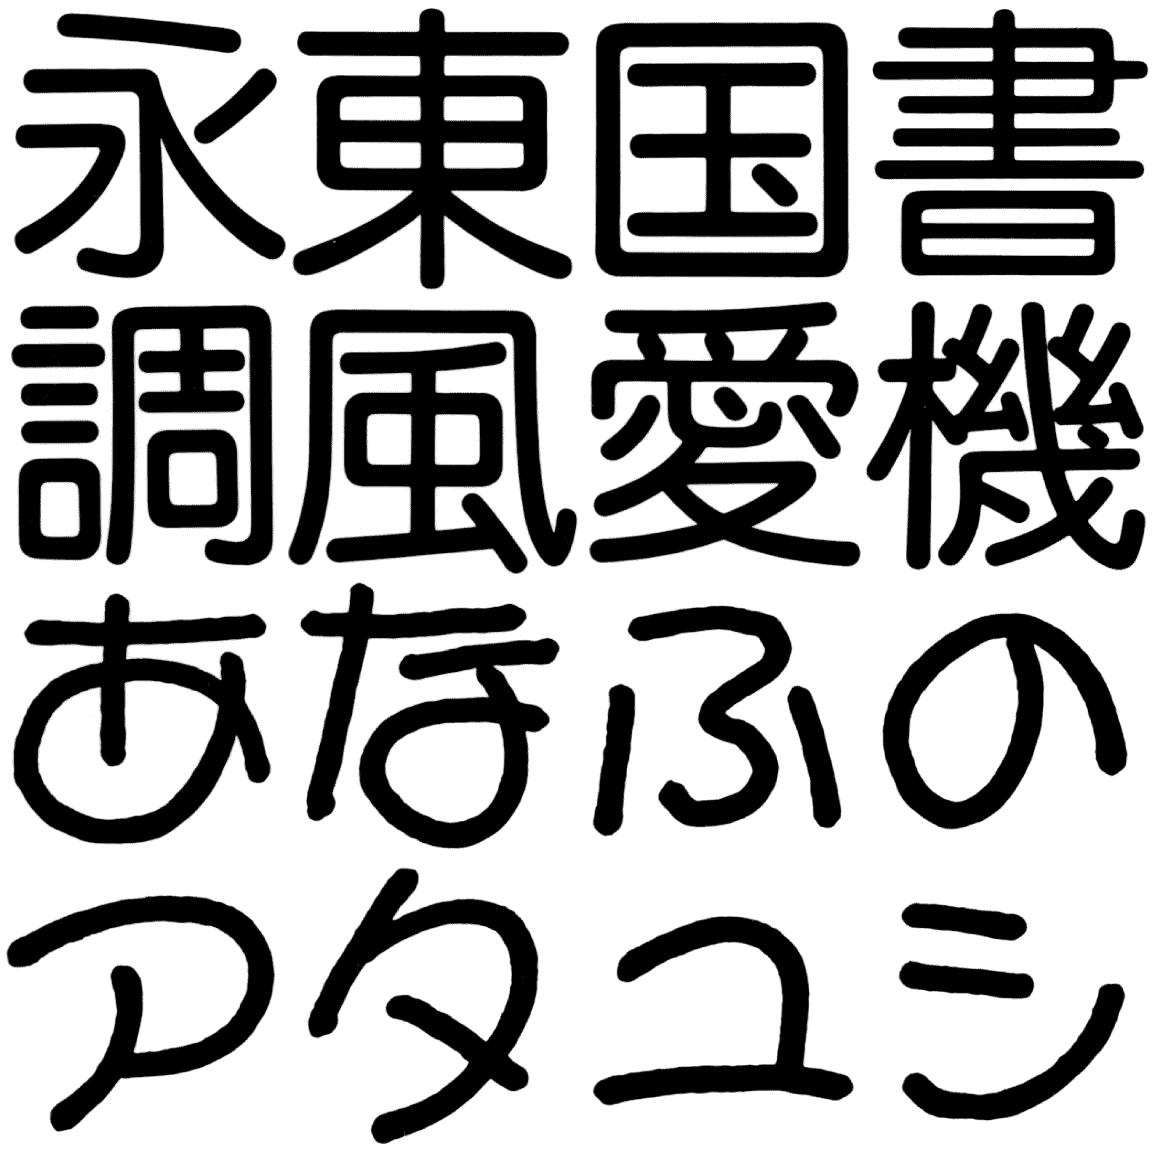 ヨシール D DYSR 字形見本